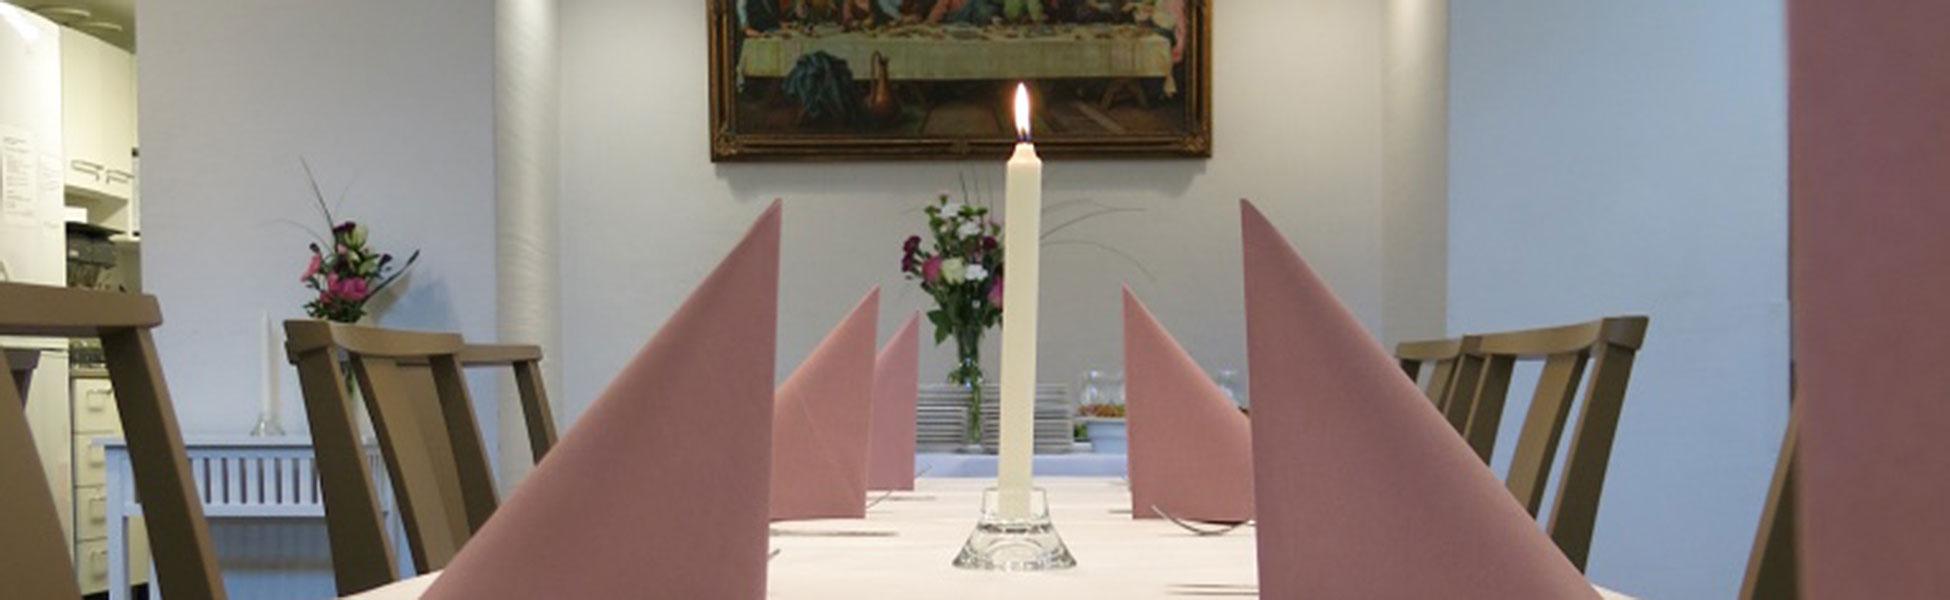 Muistotilaisuuden tarjoilut vuokrattavattavissa tiloissa.